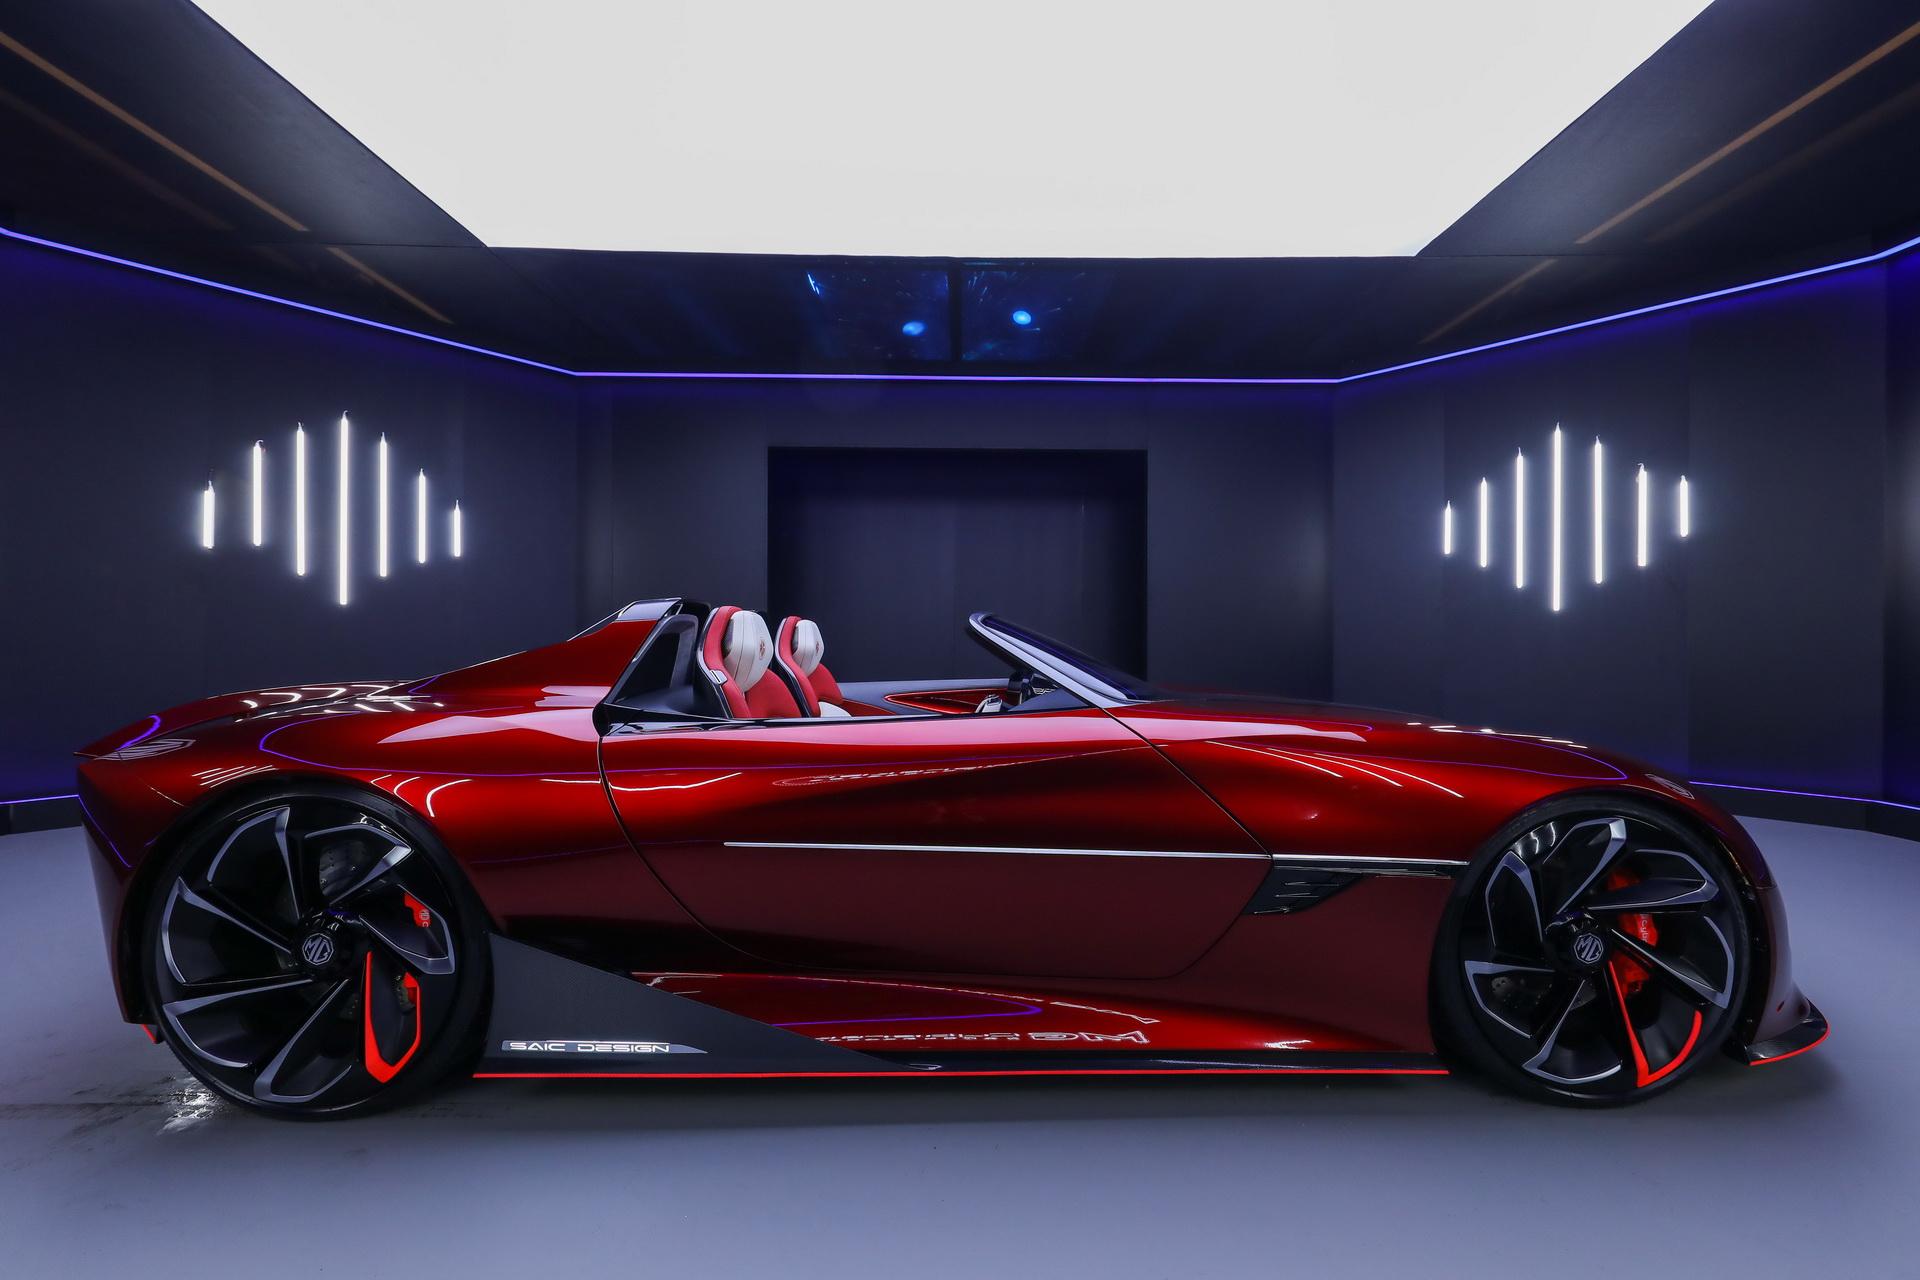 Preview Auto Shanghai 2021 AutoinfoOnline (19)